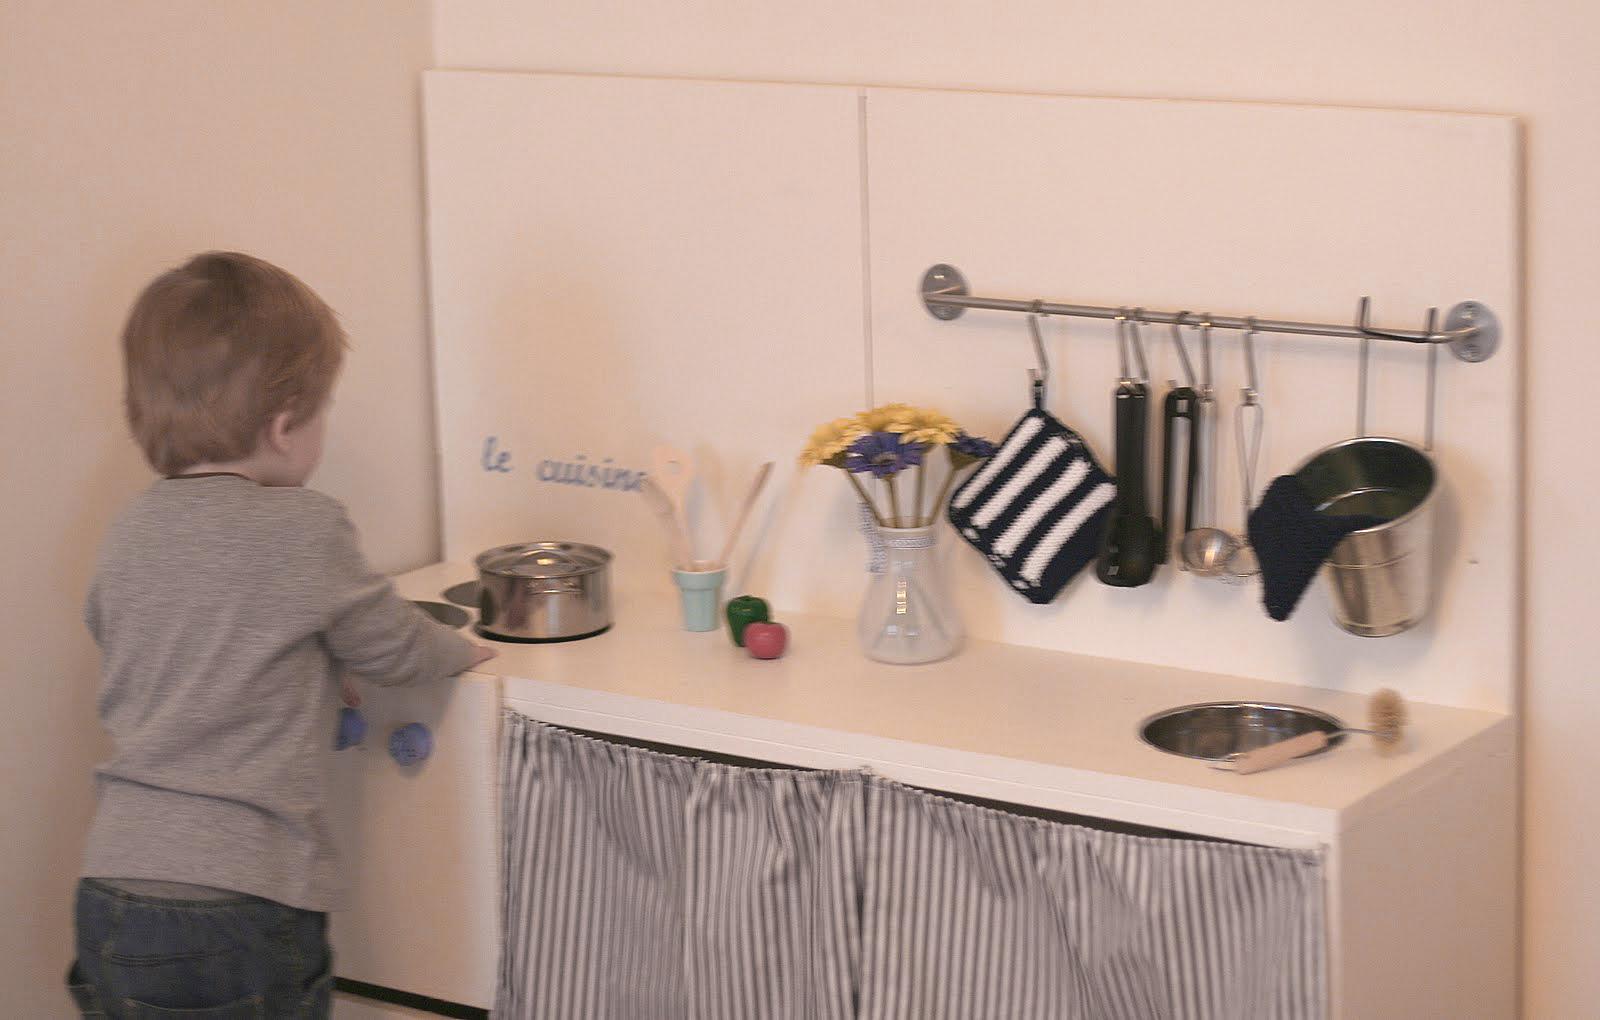 Lekekjøkken hjemmelaget – Vi bor i samme hus!